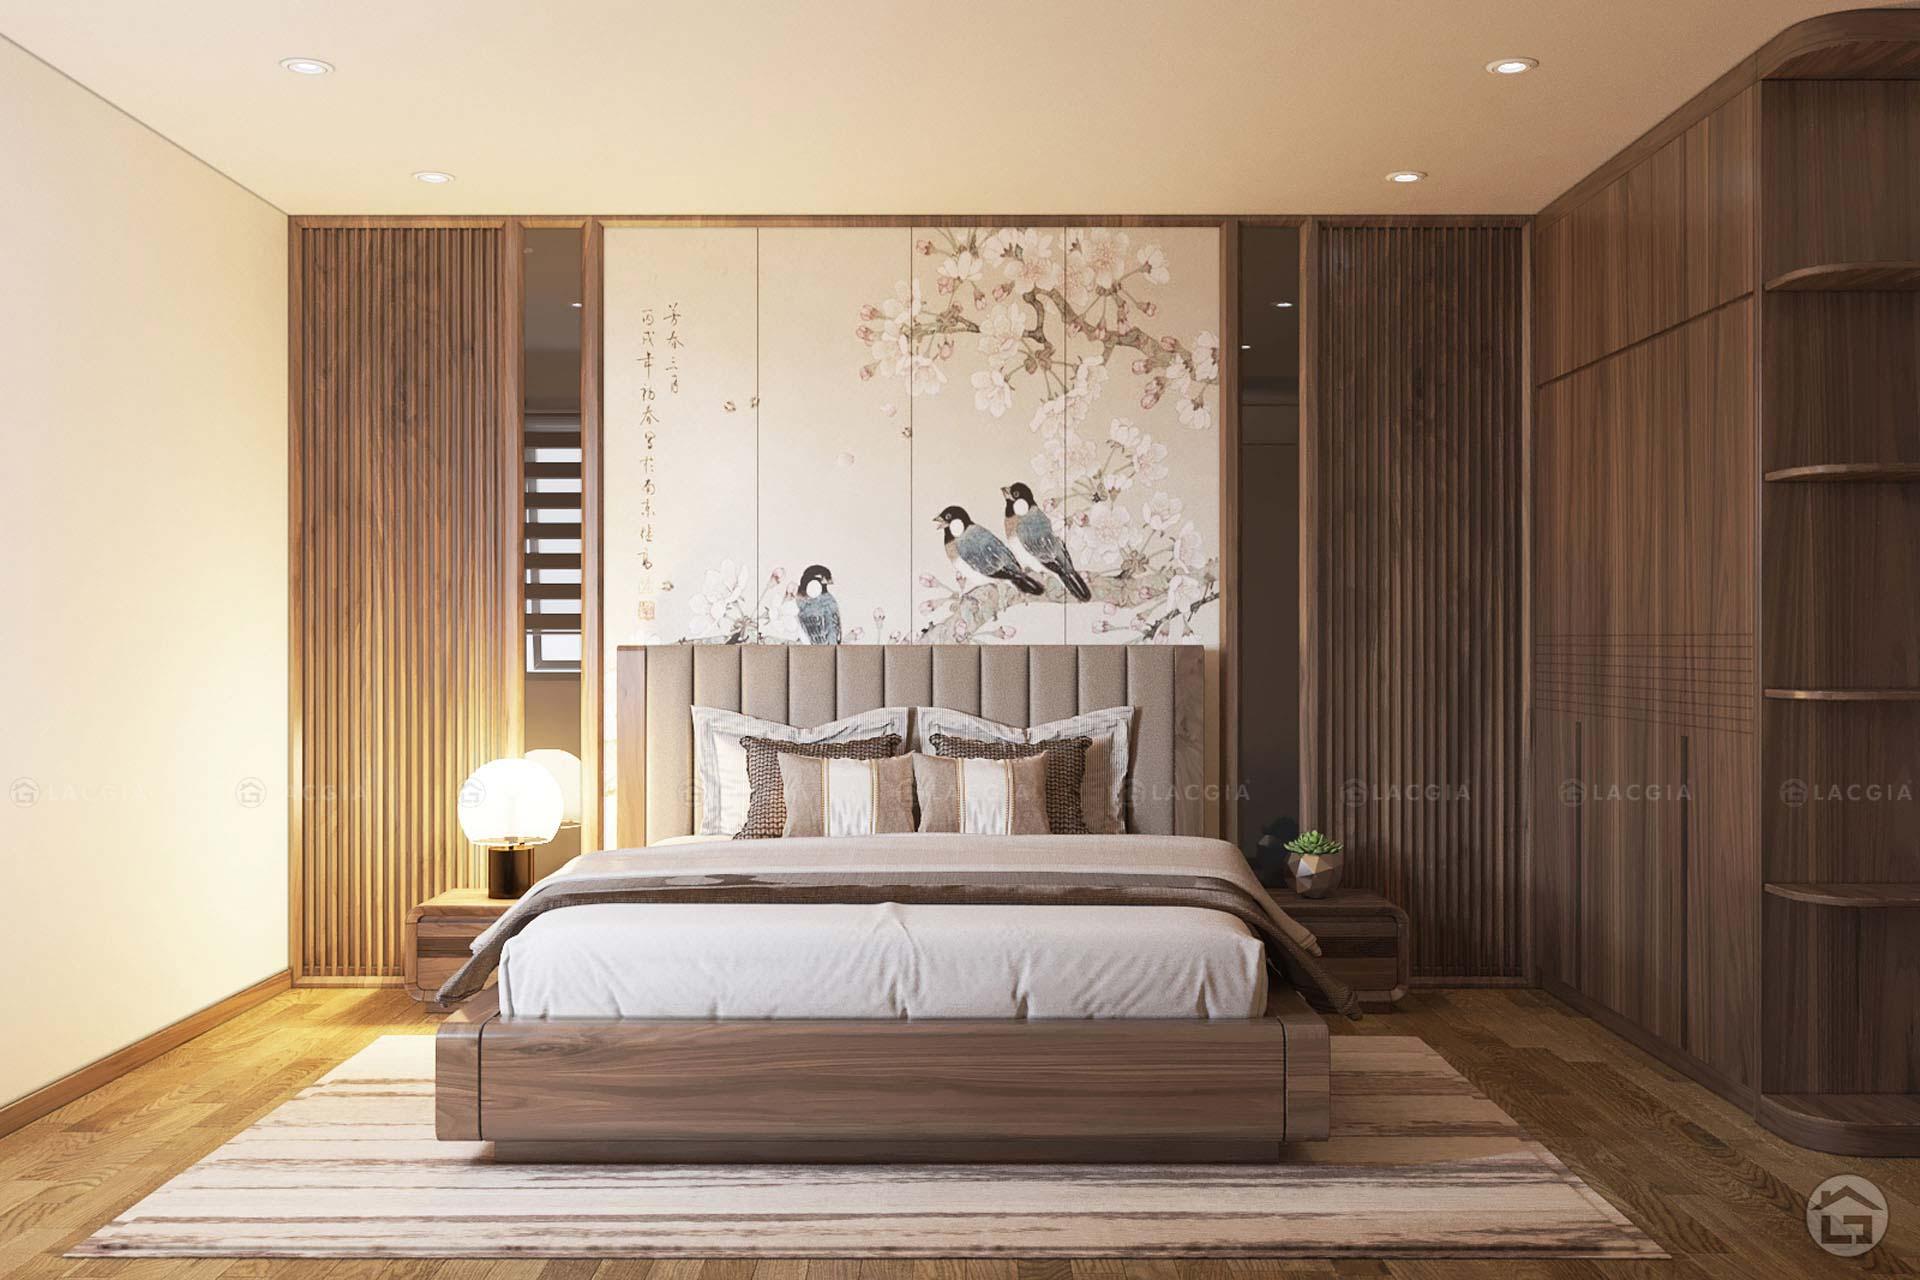 Phòng ngủ phong cách hiện đại đem lại sự linh hoạt và tươi mới